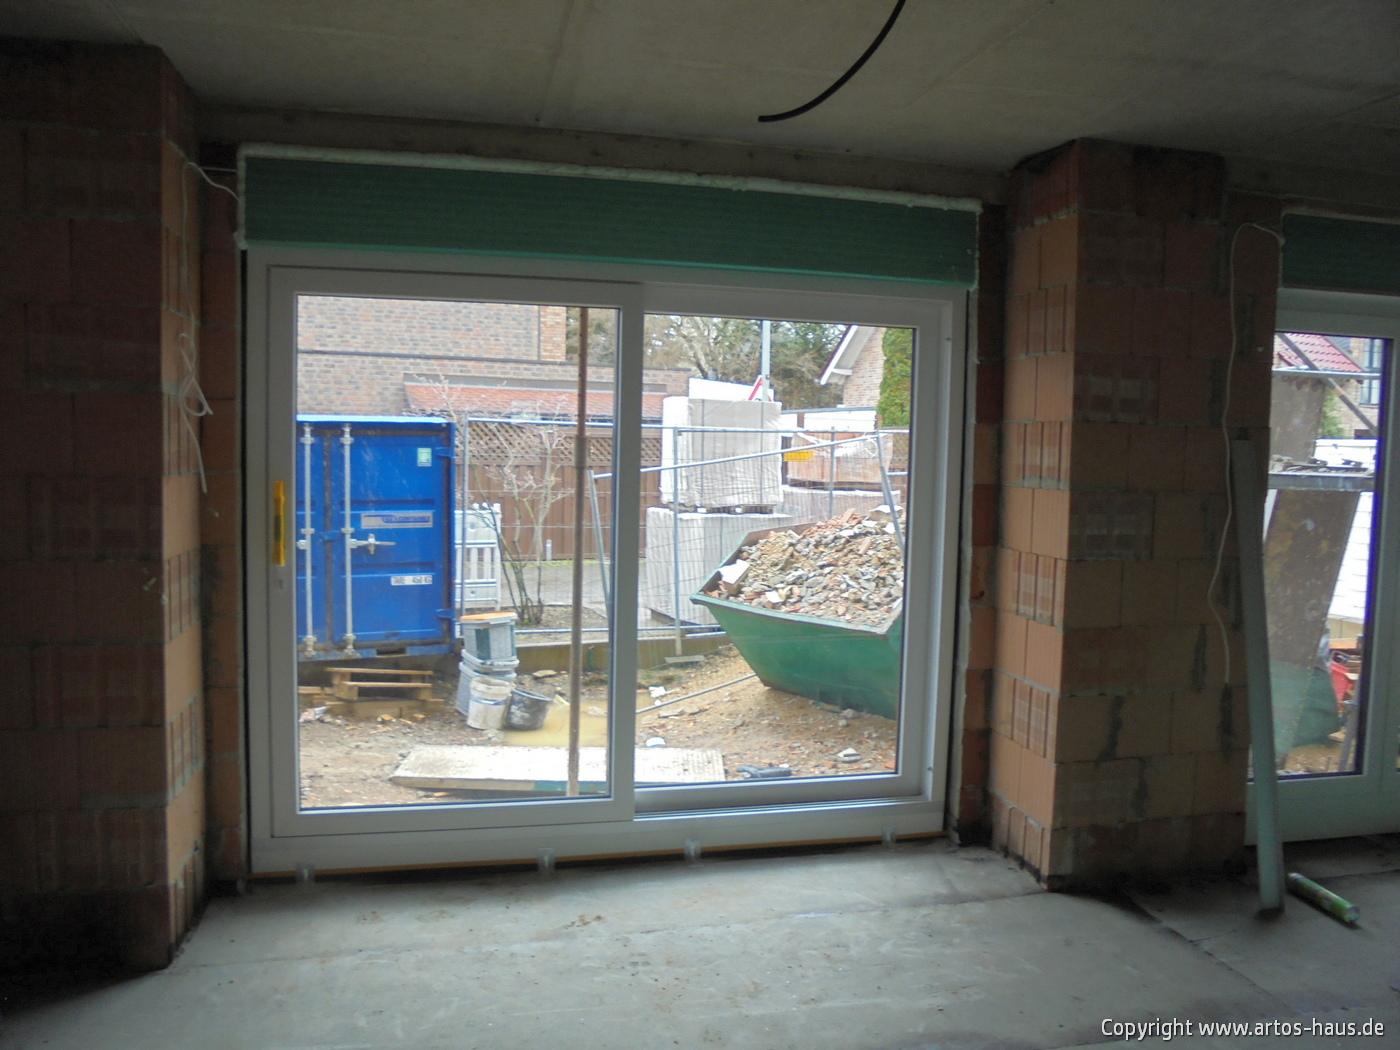 Fenstereinbau @artos-haus.de BILD 5